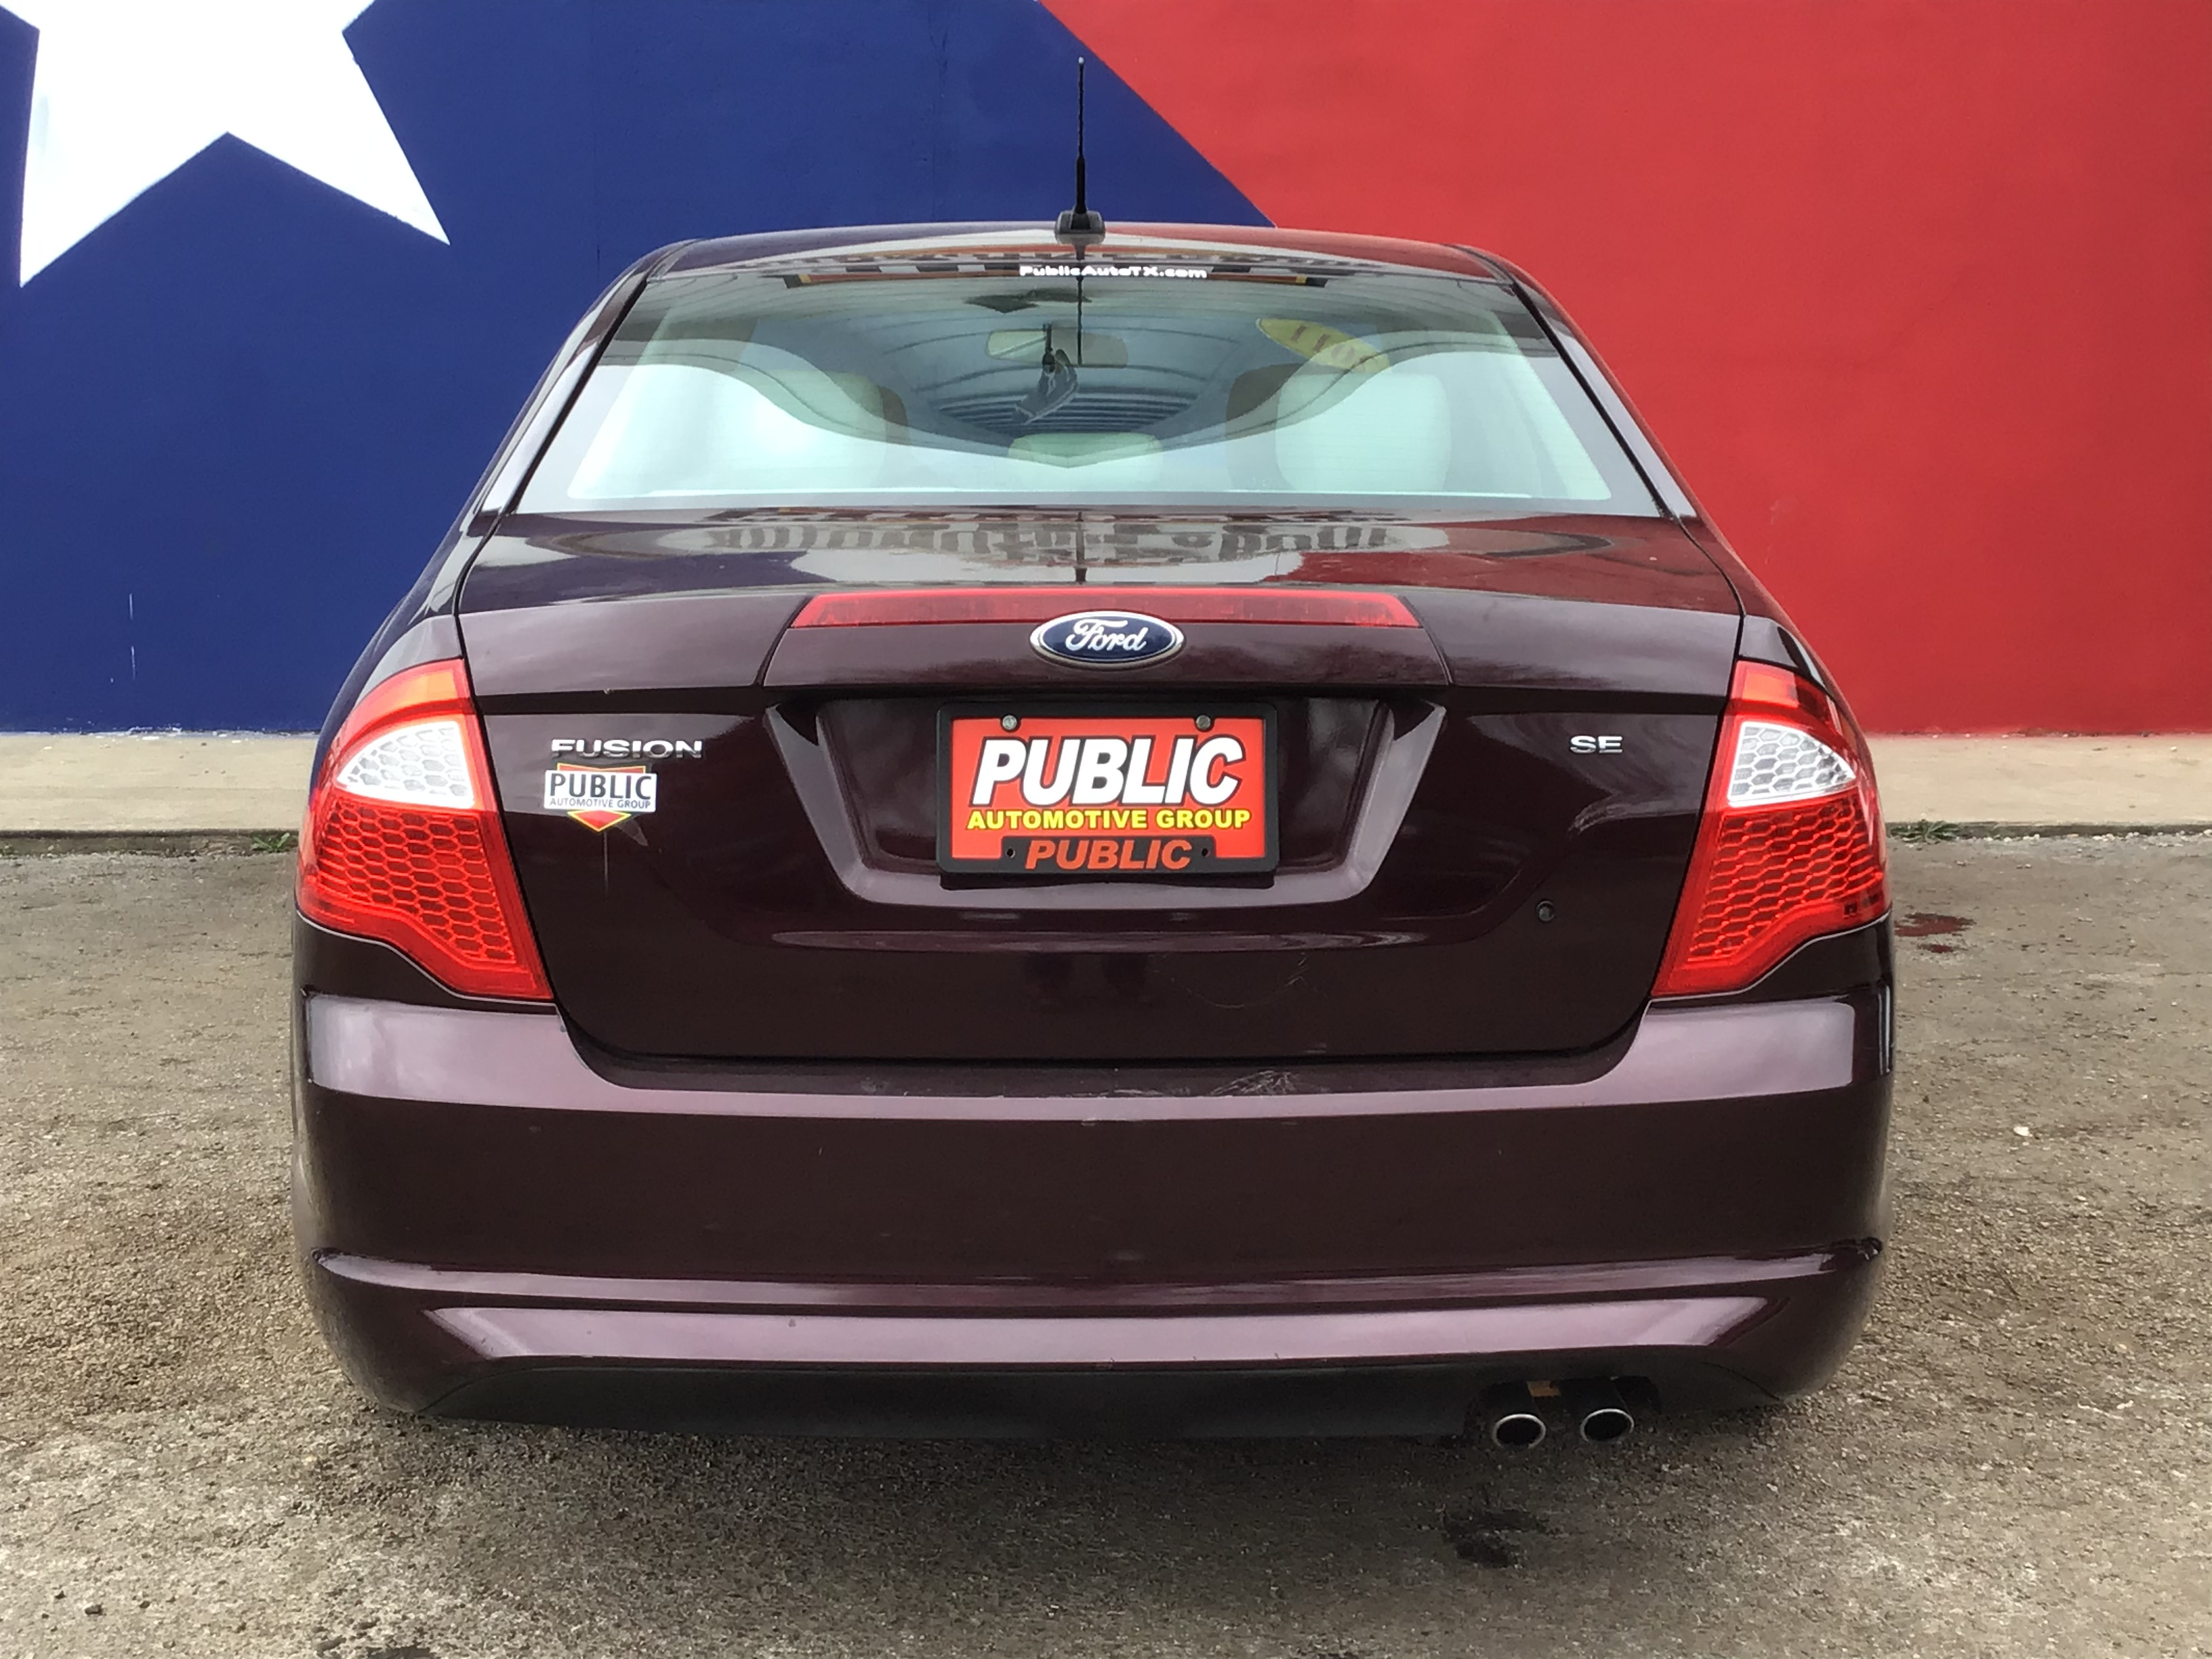 used vehicle - Sedan FORD FUSION 2011